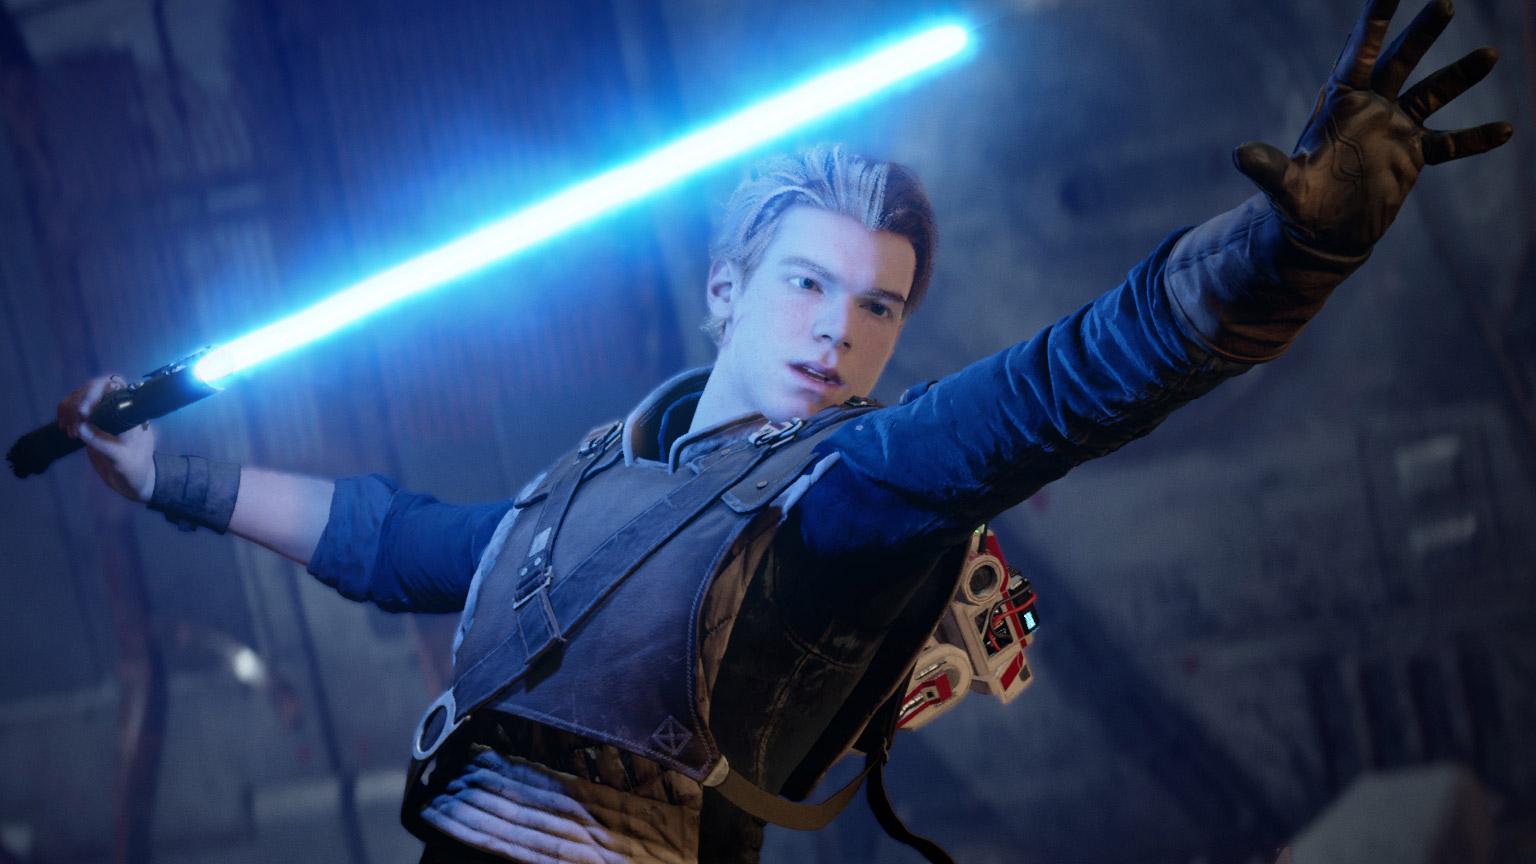 Nové gameplay video ze Star Wars Jedi Fallen Order ukazuje souboje s bossy